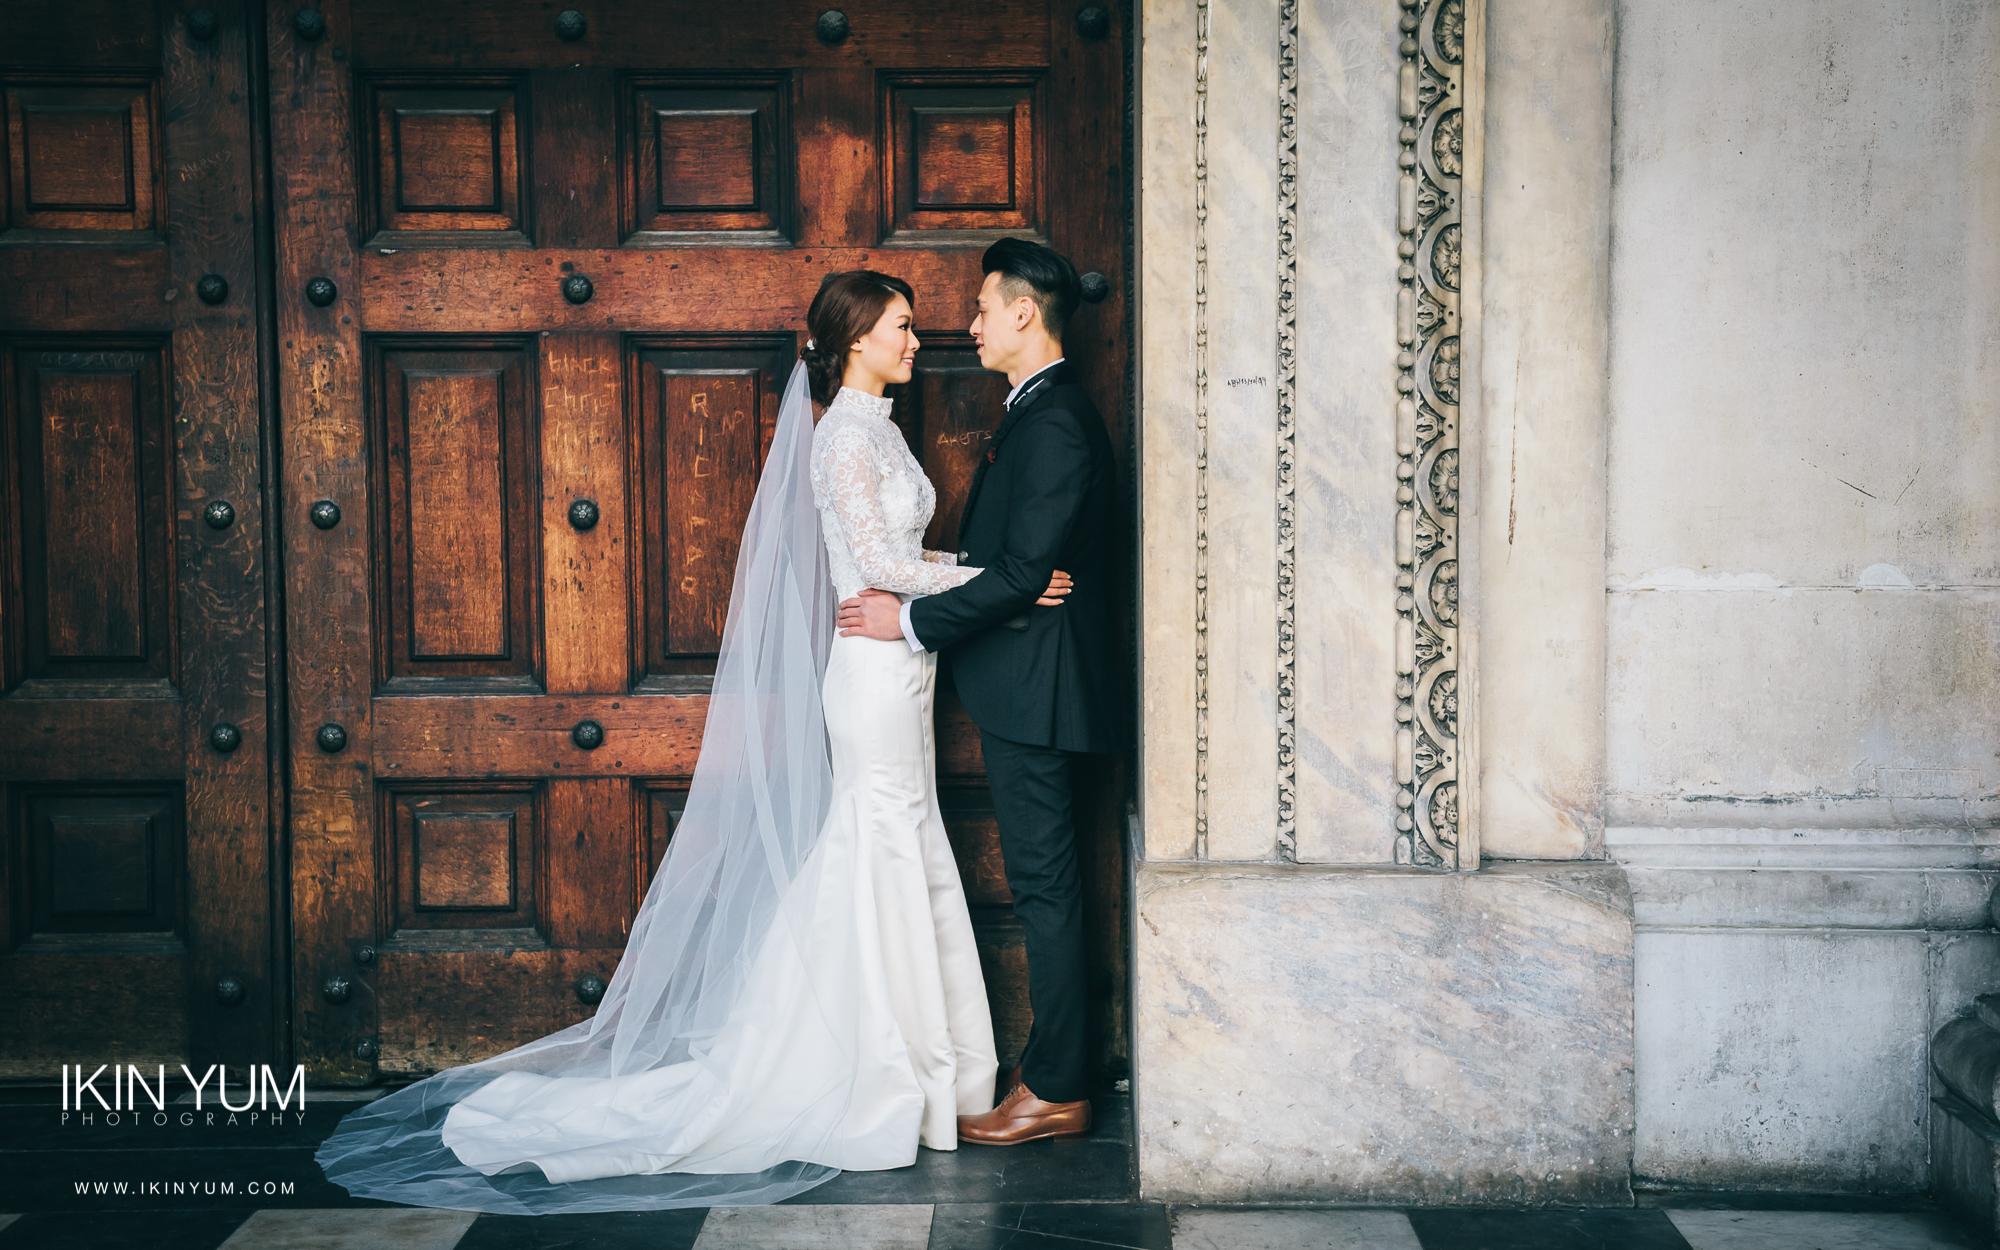 Pre-Wedding Shoot London Zann + Danny - Ikin Yum Photography-043.jpg